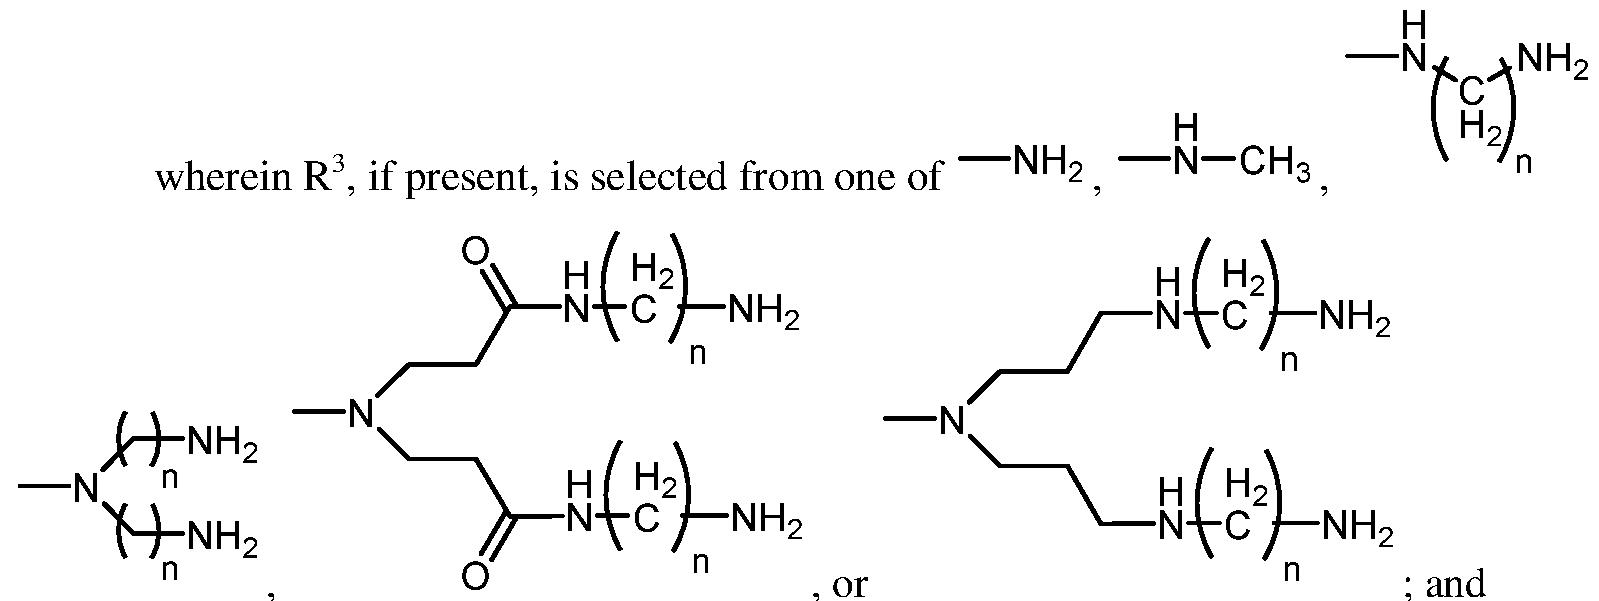 Figure imgf000055_0003